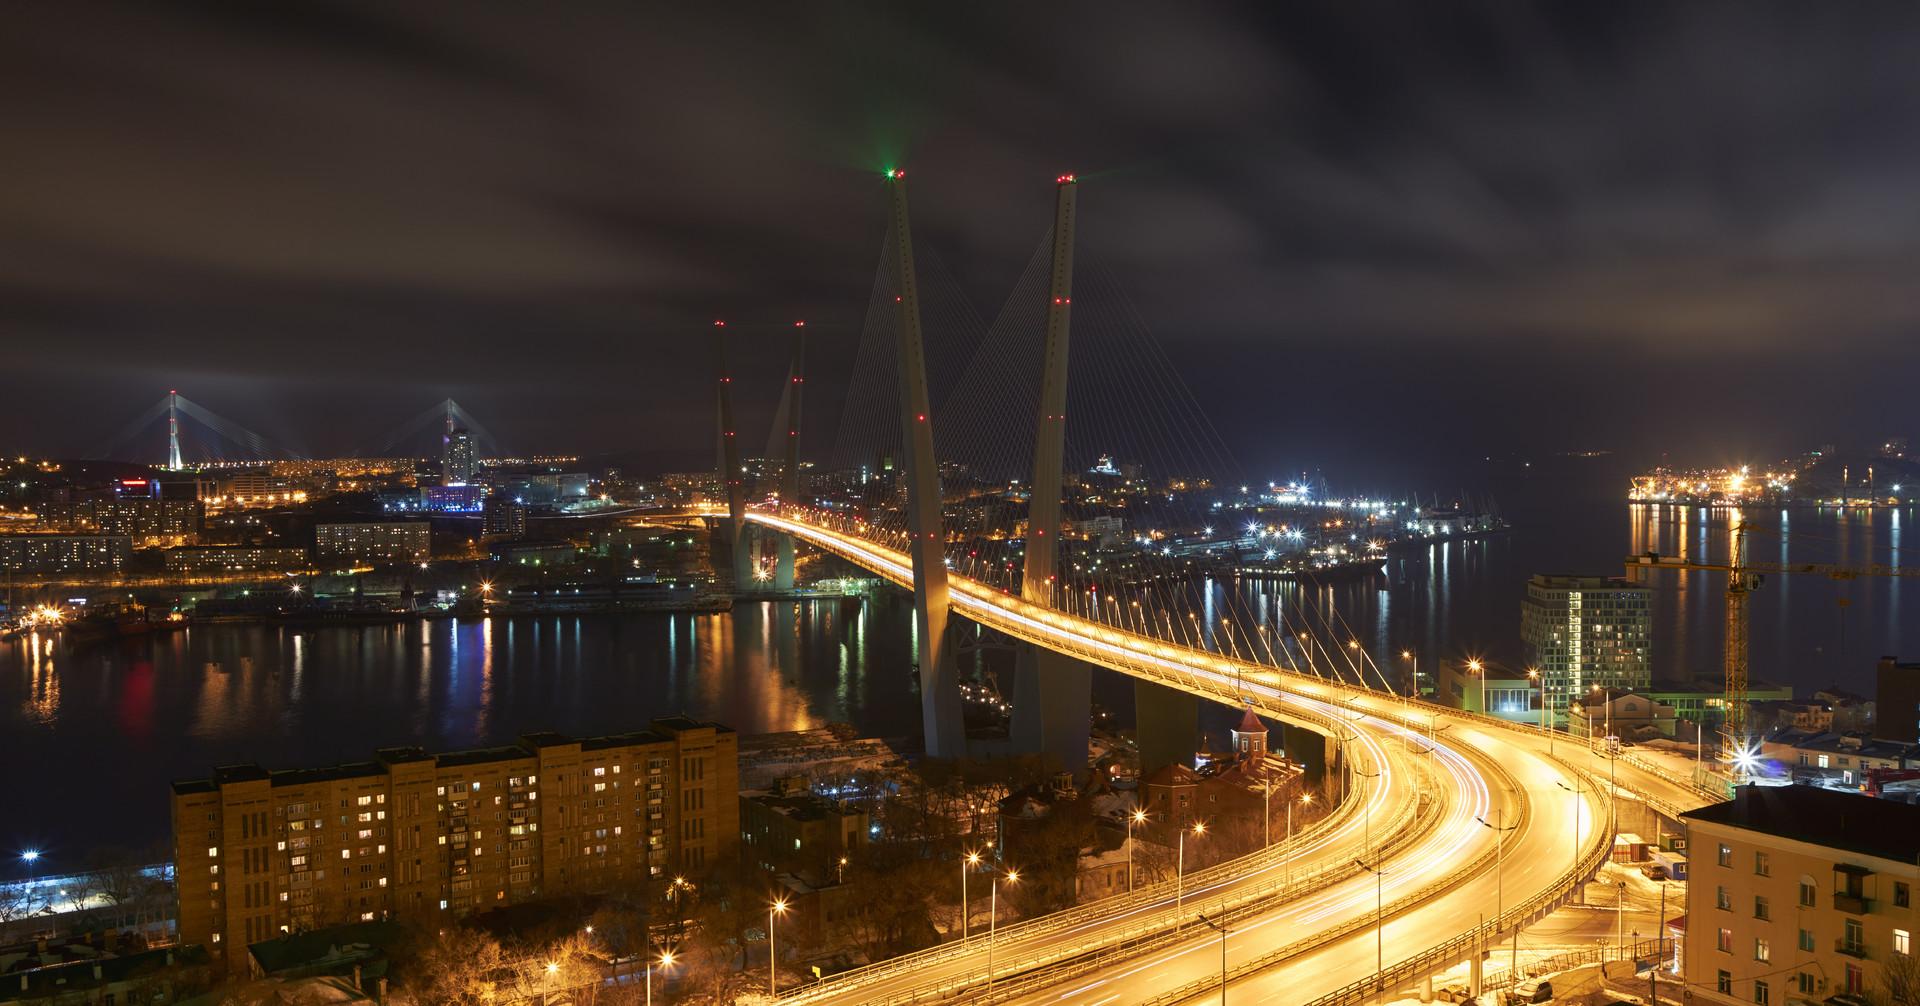 Золотой мост во Владивостоке лидирует среди номинантов на символ для новых банкнот